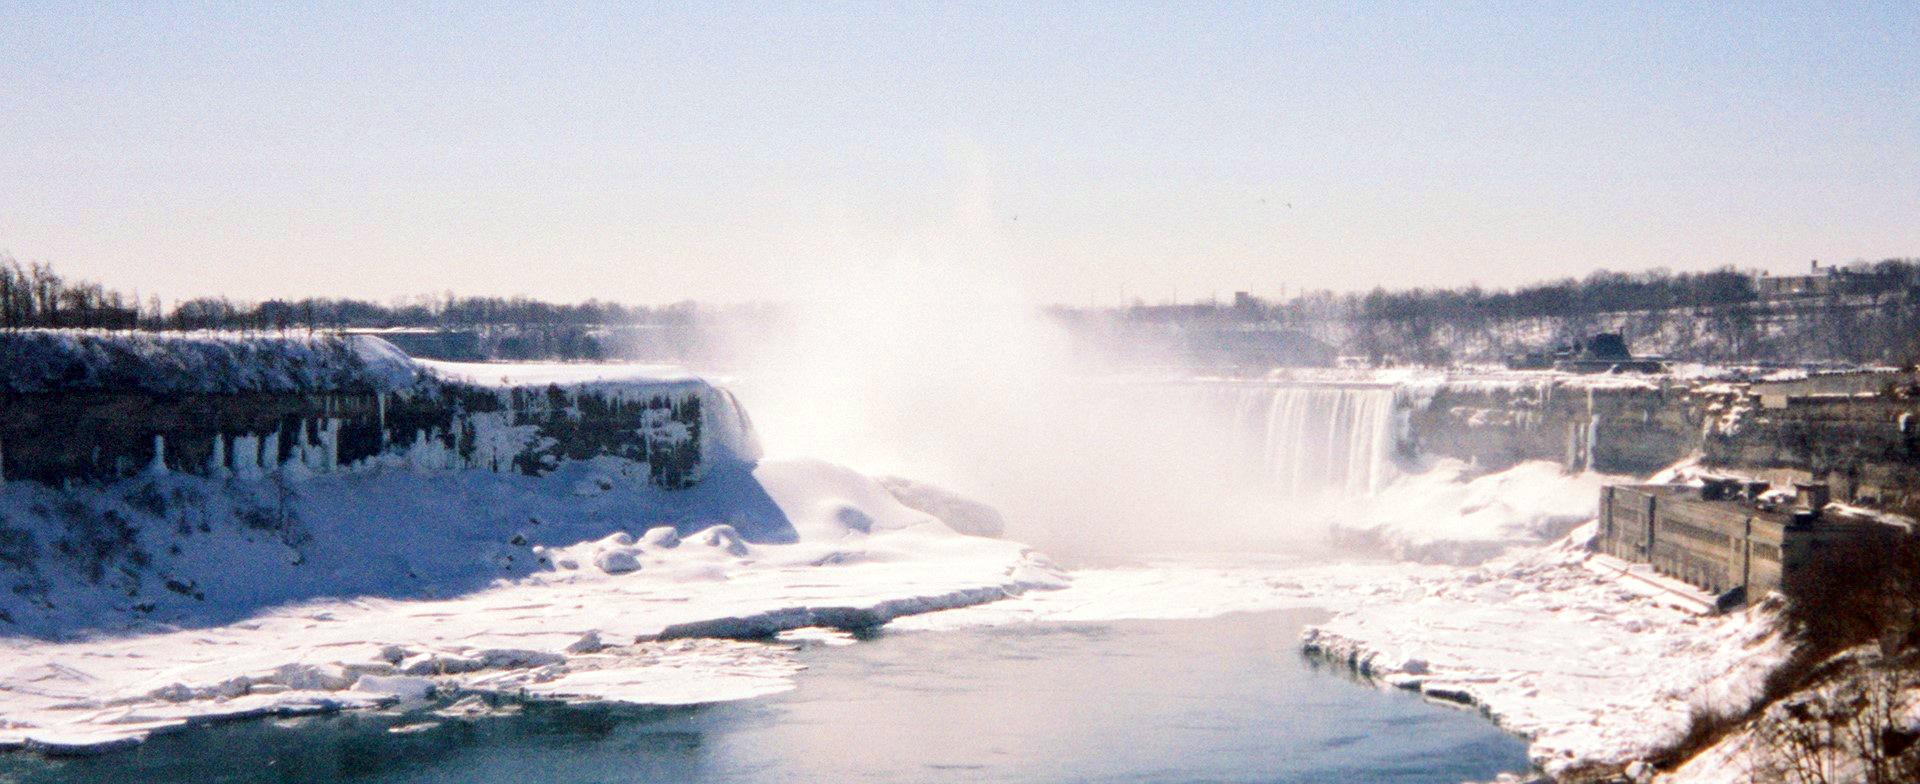 Guía de viajes a Canada, Visa a Canadá, Visado a Canadá canadá - 32354105805 627a59124f o - Guía de viajes y visa para Canadá